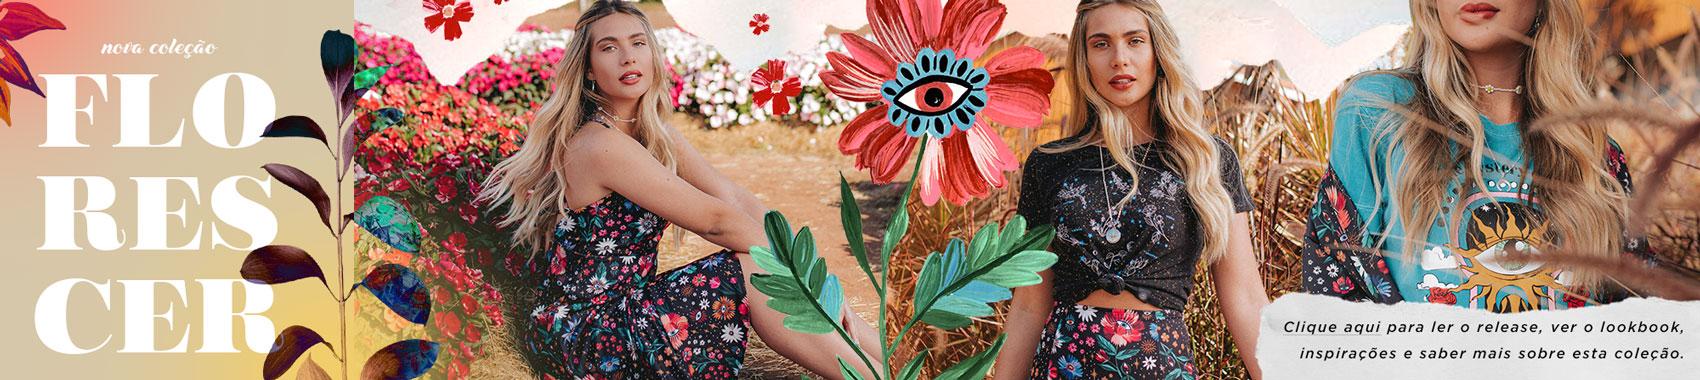 banner coleção florescer para blog